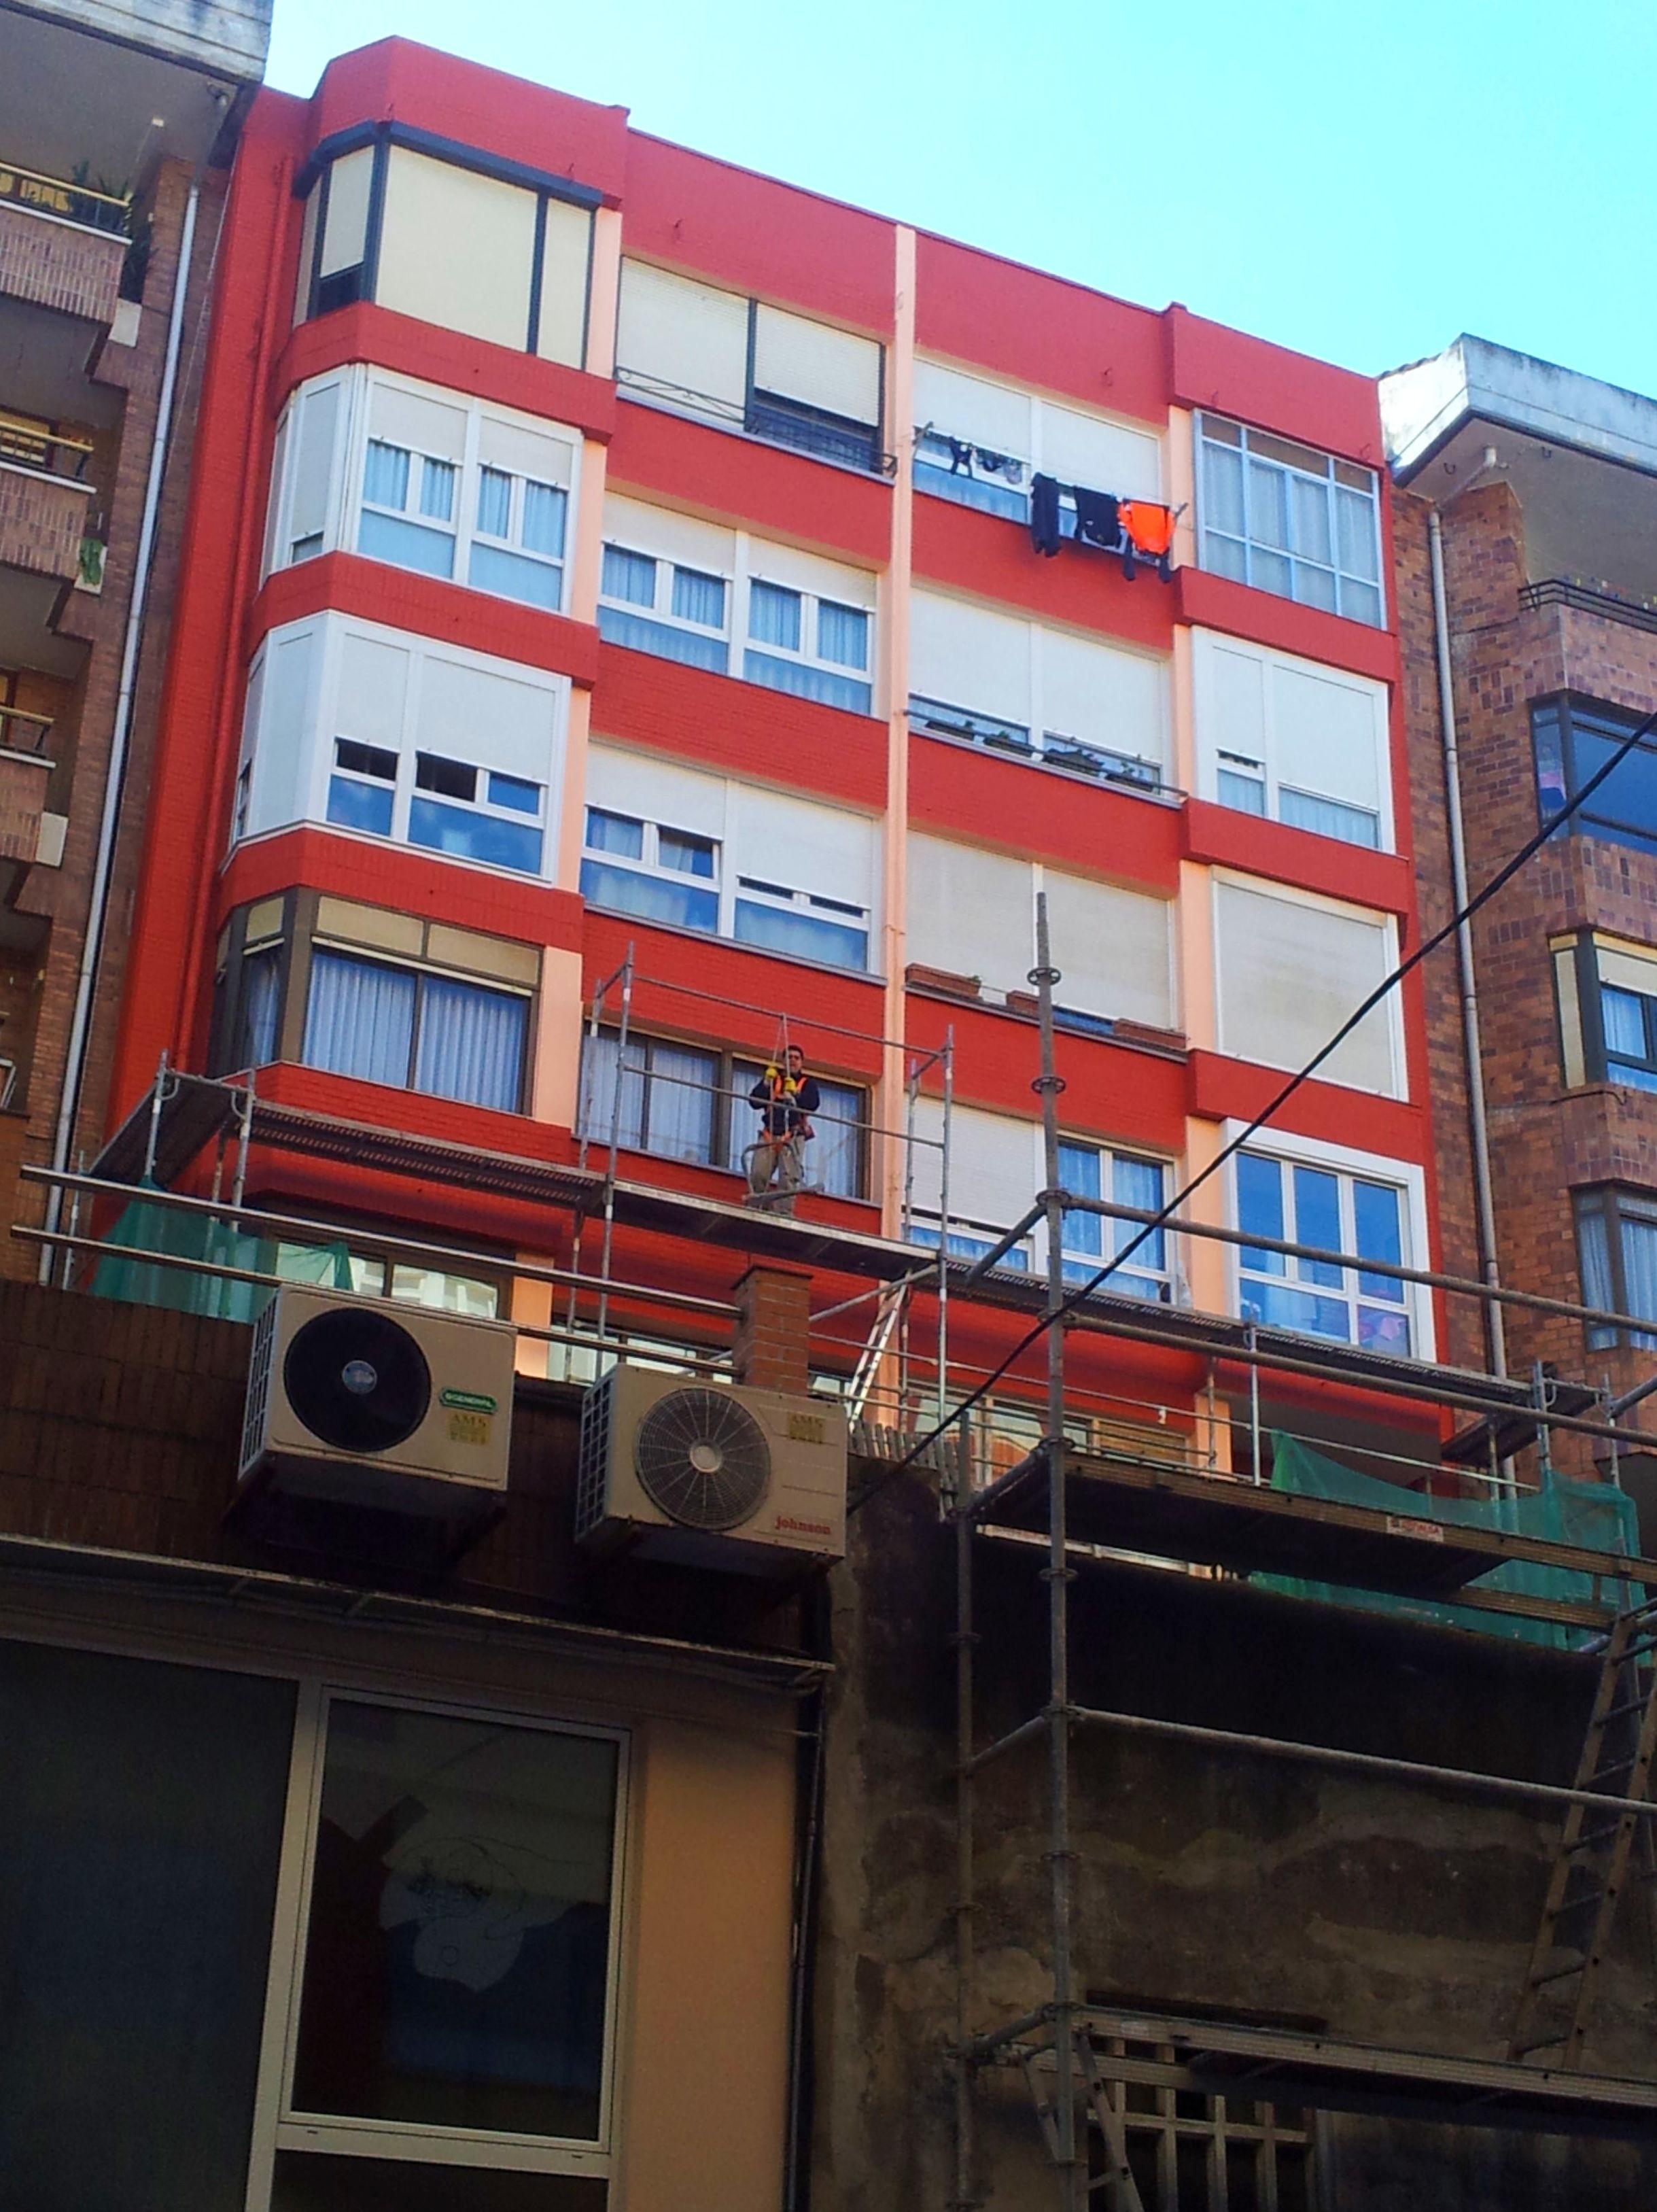 Reparación fachadas exteriores traseras patios medianeras principal